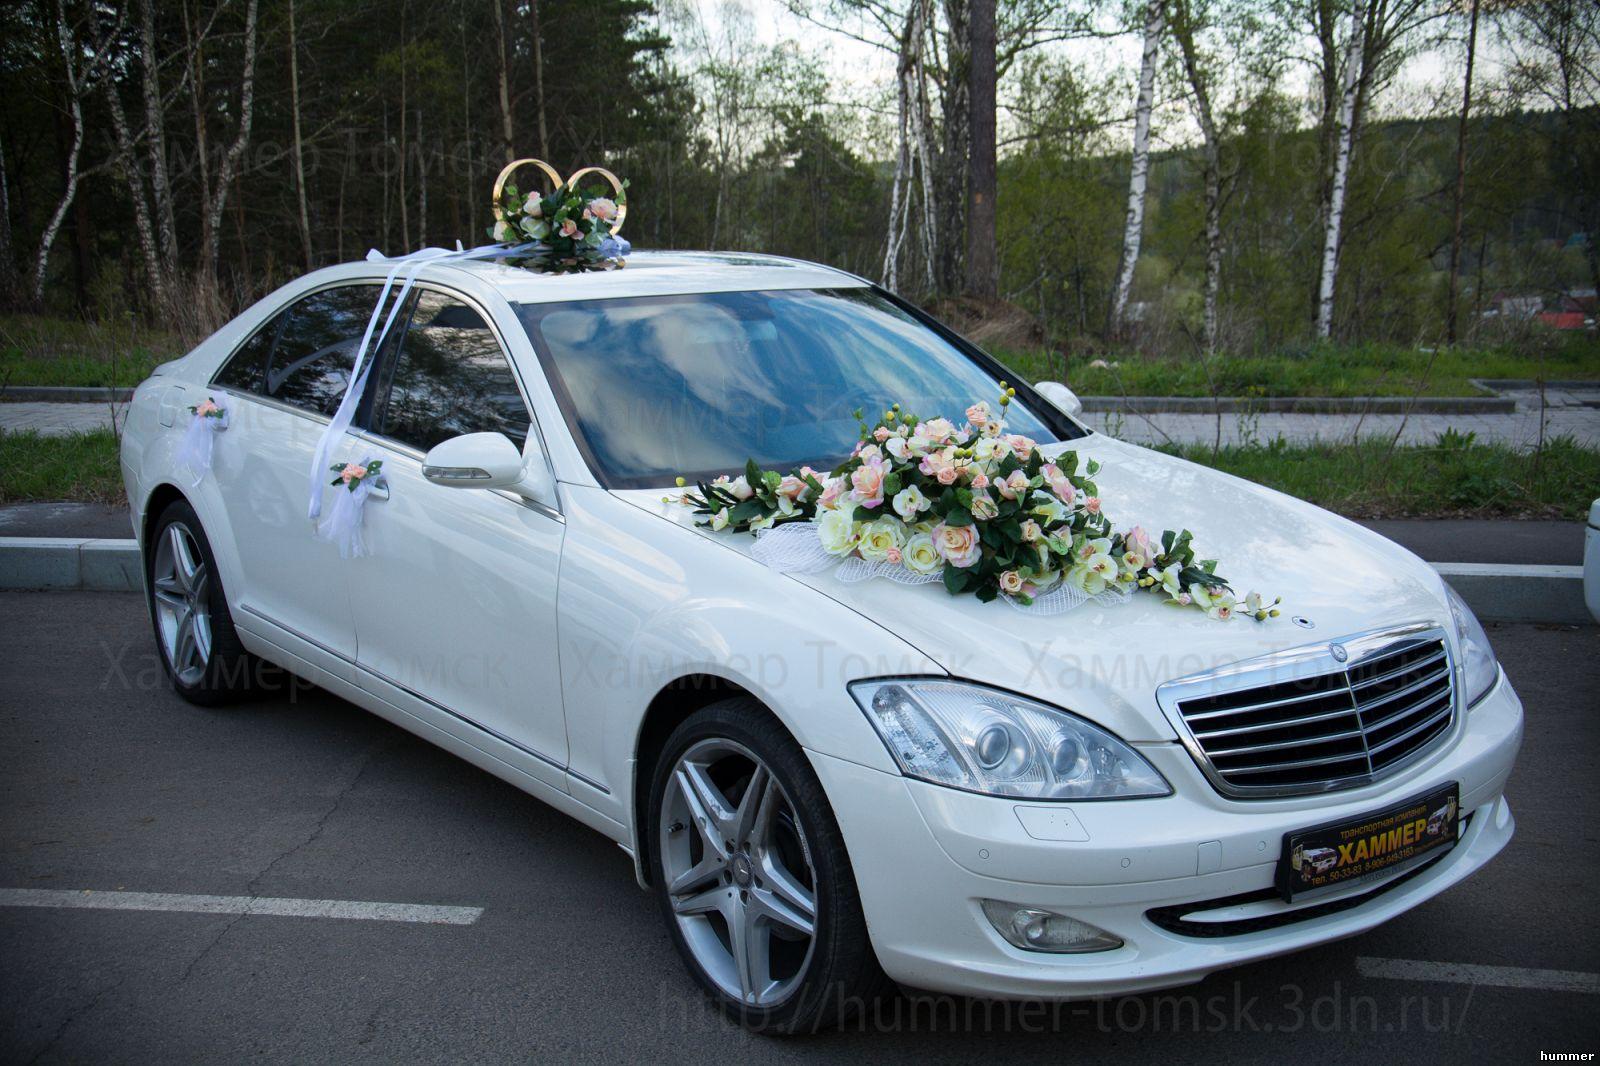 Фото украшенных автомобилей на свадьбу